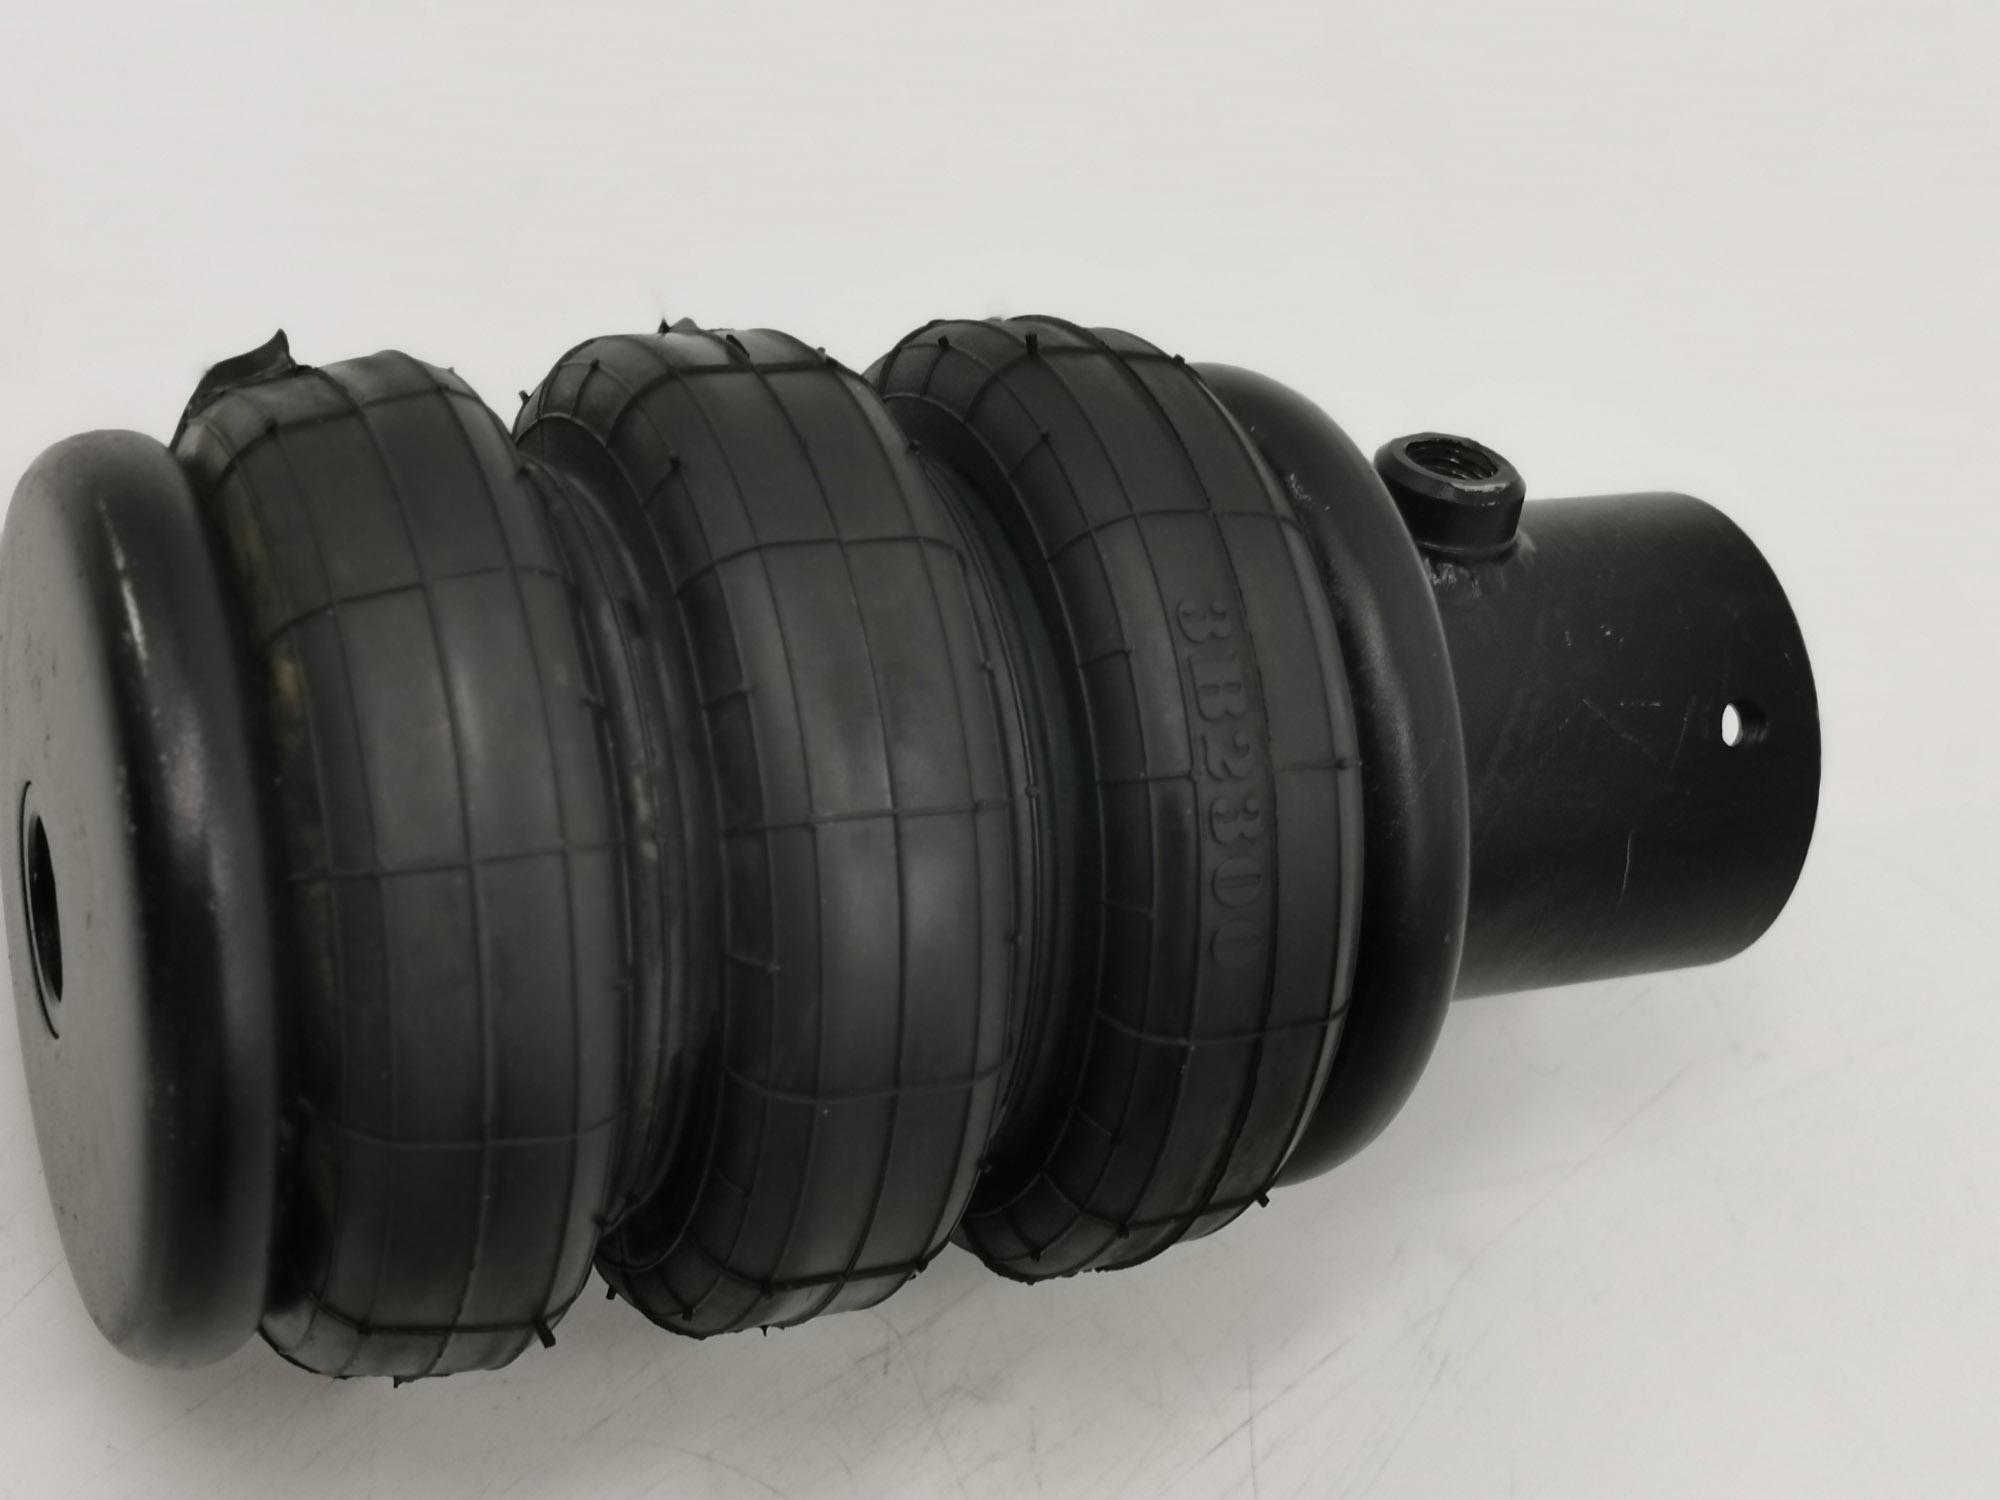 山东橡胶气囊价格_百立森供应具有口碑的乘用车及改装空气弹簧